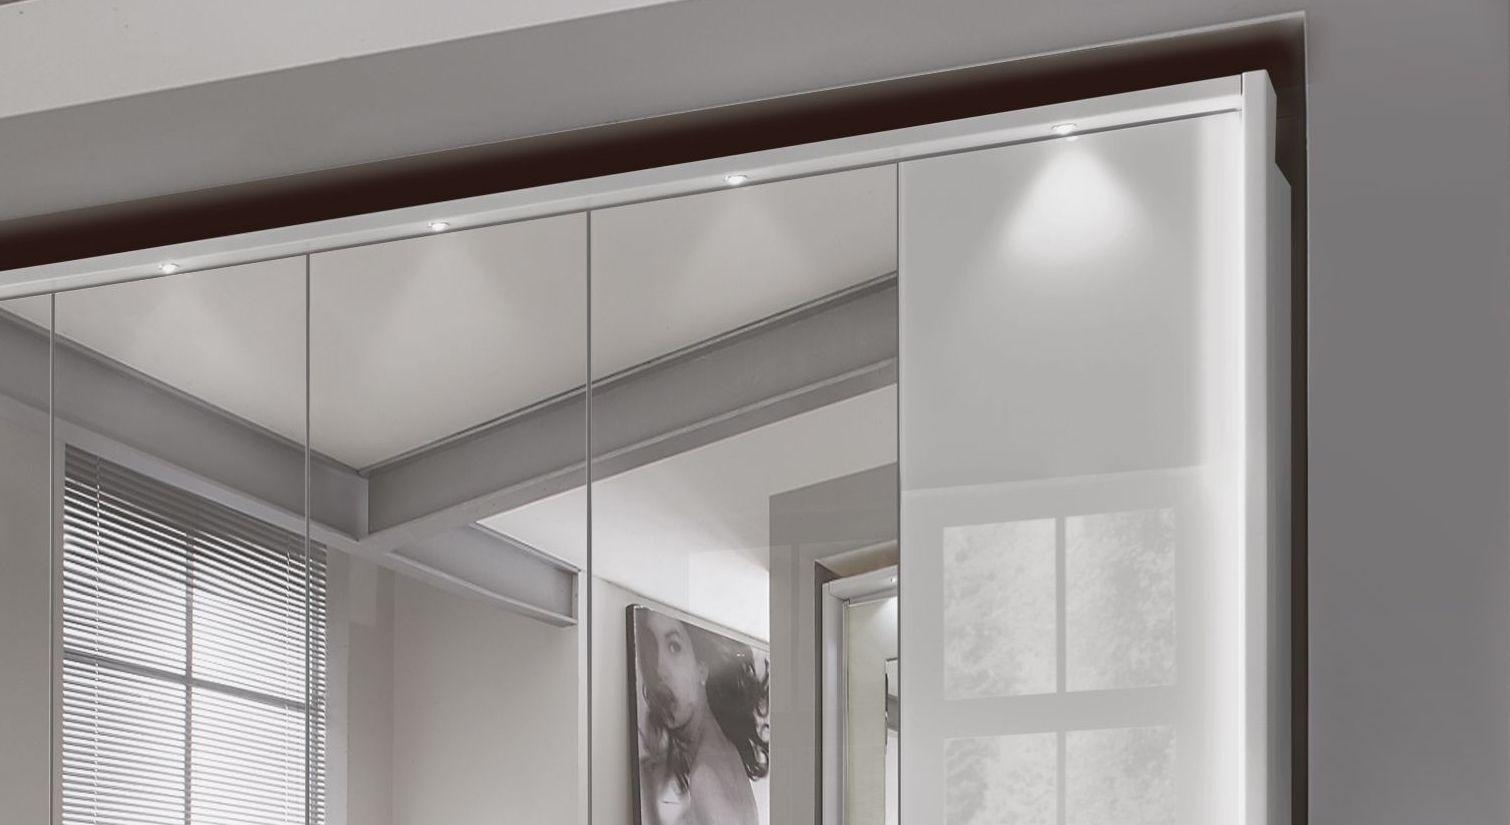 Spiegel-Funktions-Kleiderschrank Westville mit attraktiver Beleuchtung